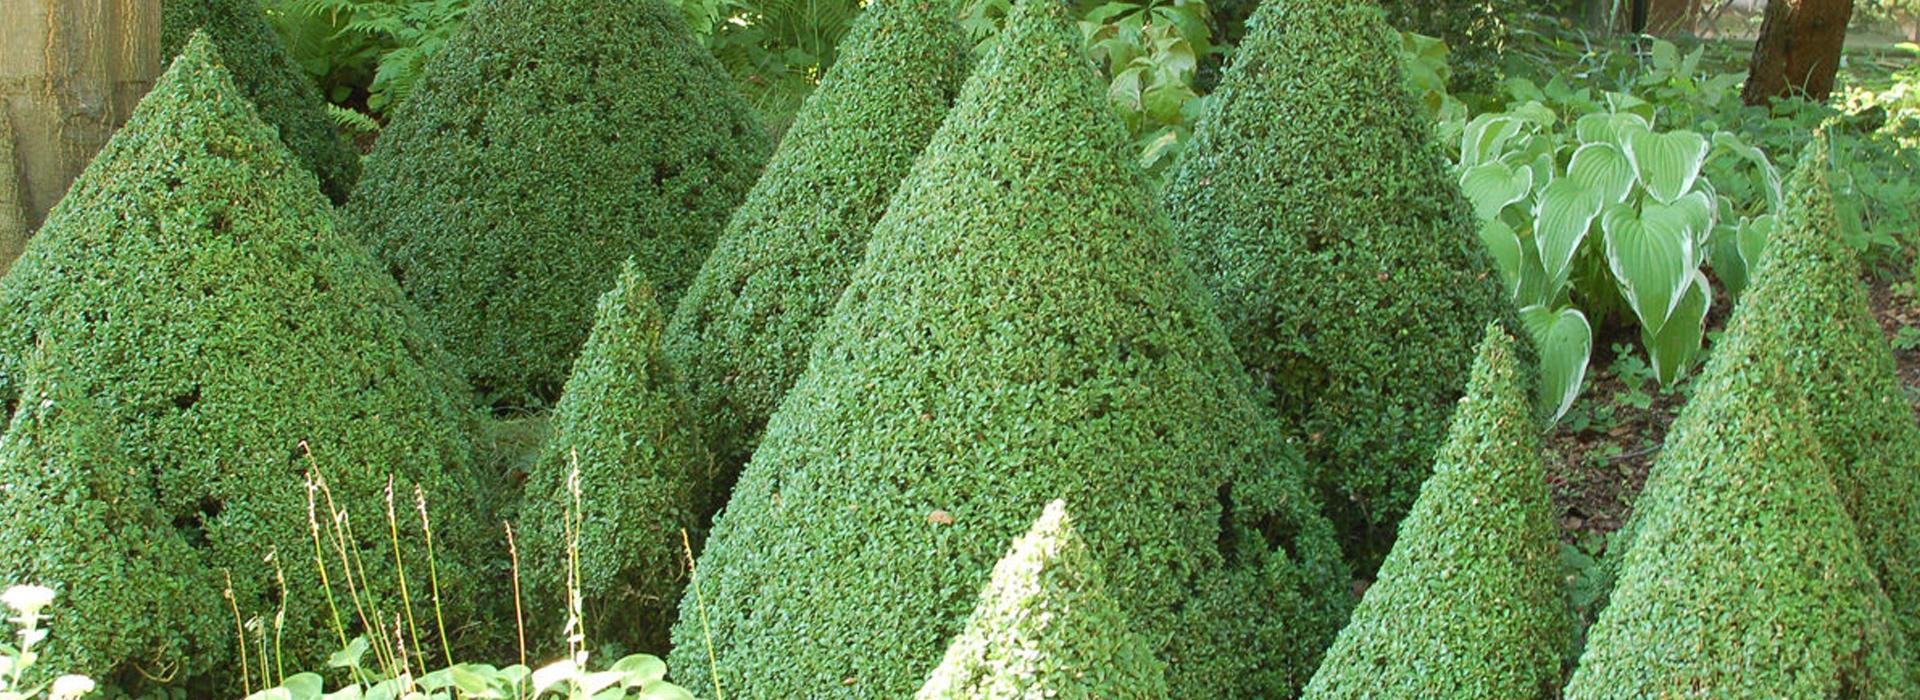 Schnittverträgliche Pflanzen